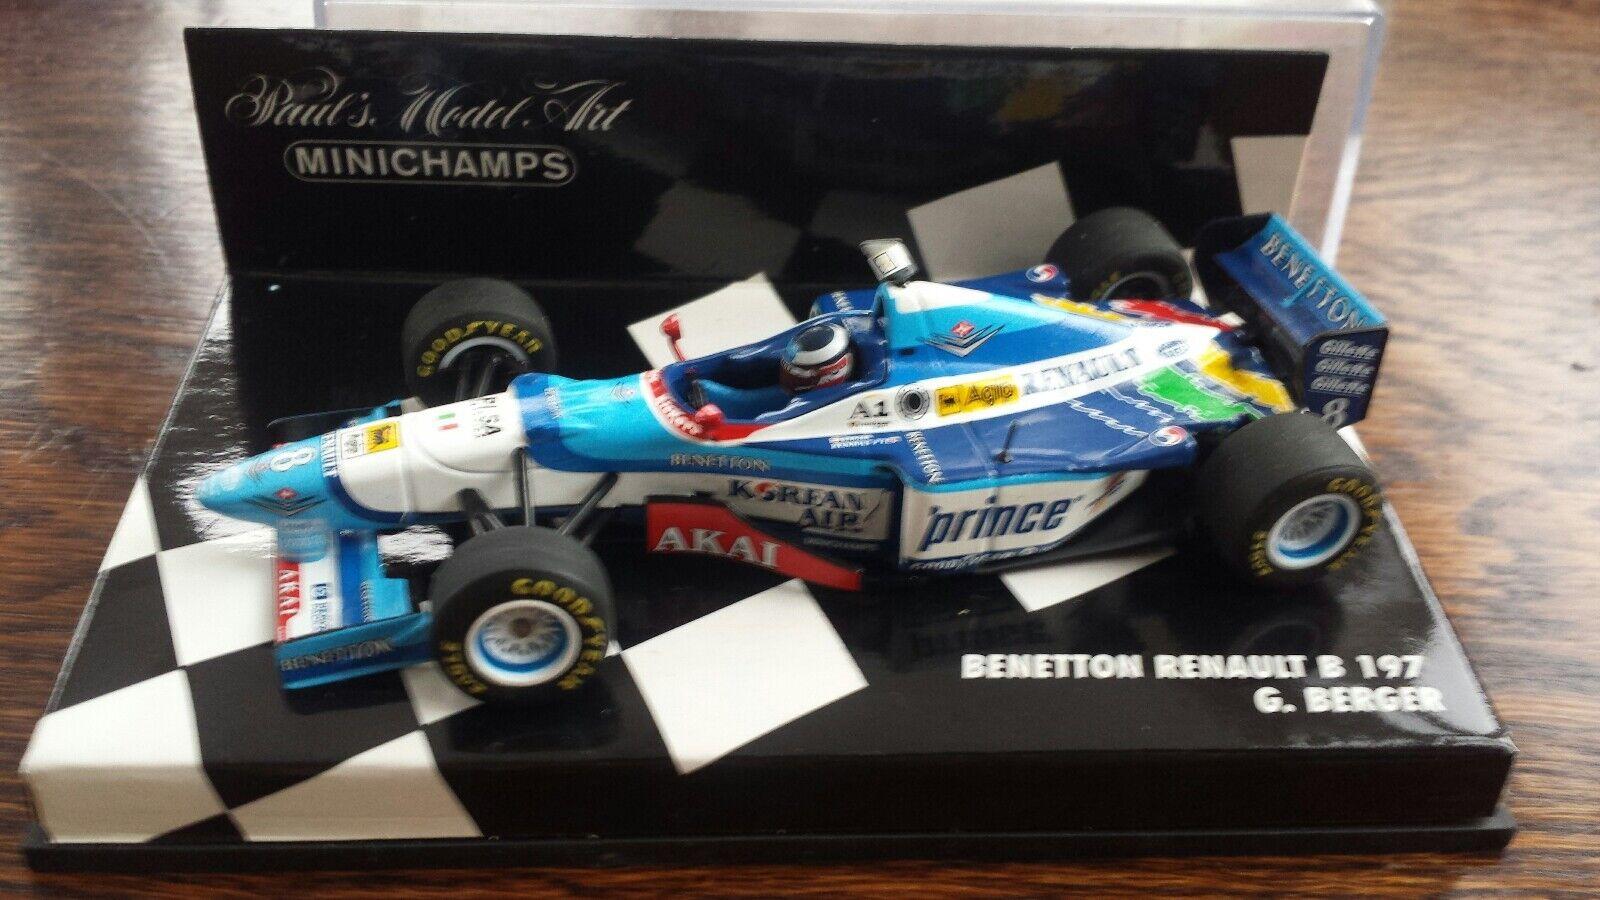 1 43 Benetton Renault B197 1997 Gerhard Berger Prince decals